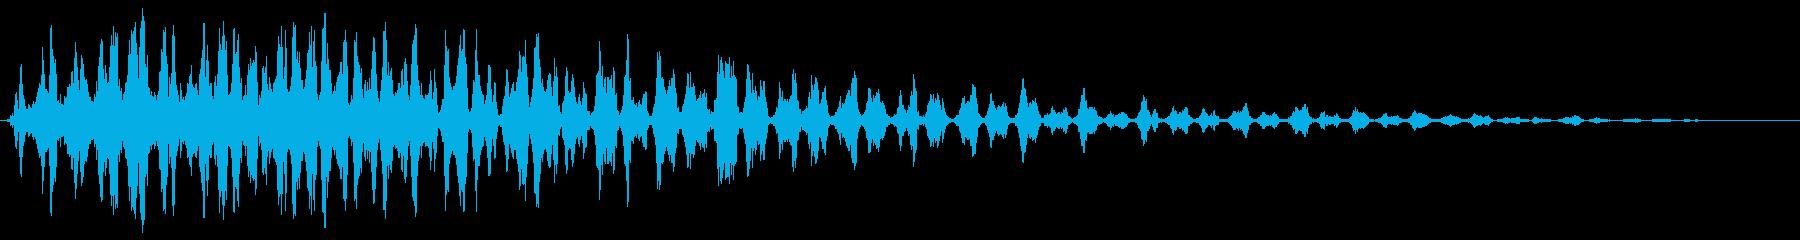 コミカル飛行音(プワワ)の再生済みの波形